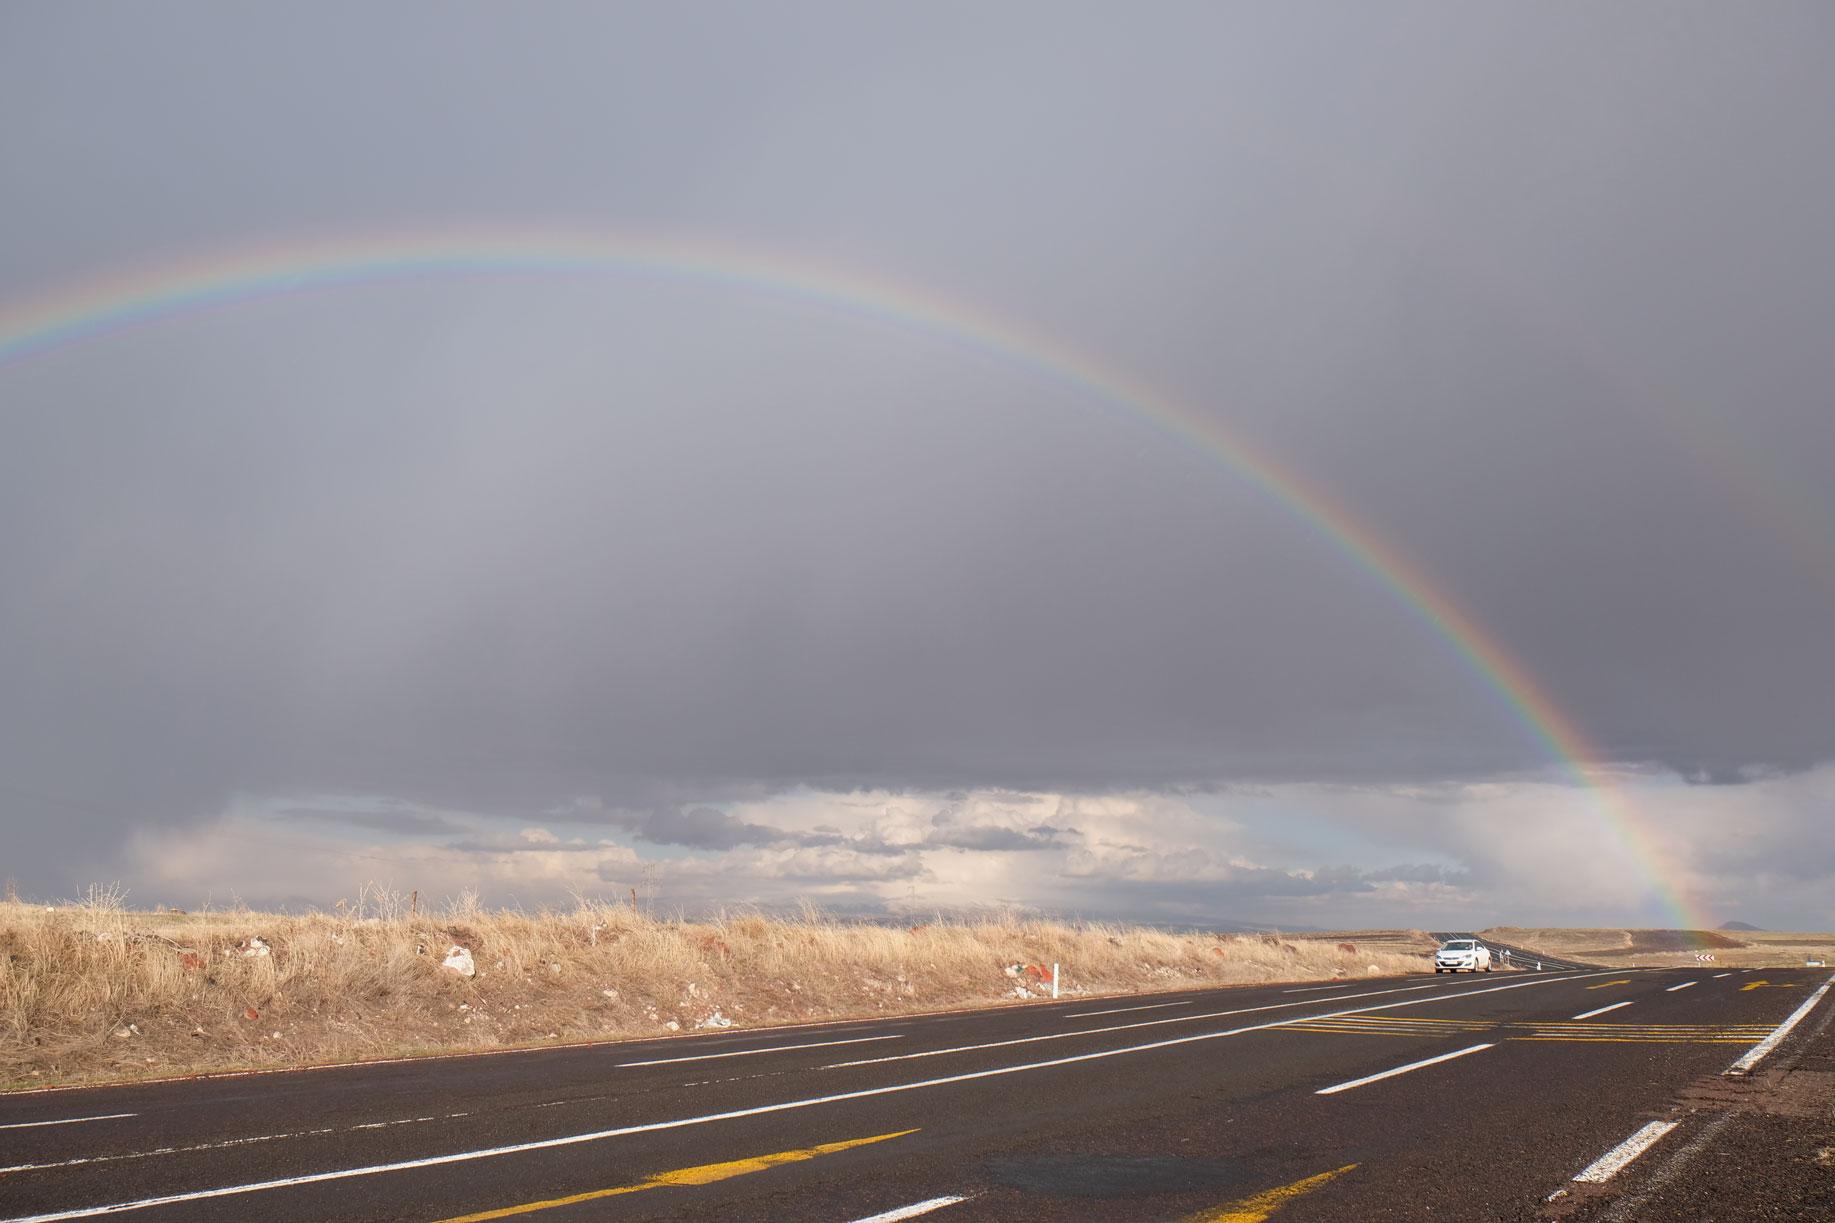 Glücklicherweise bekommen wir nur ein paar wenige Tropfen ab und erleben stattdessen einen wunderbaren Regenbogen